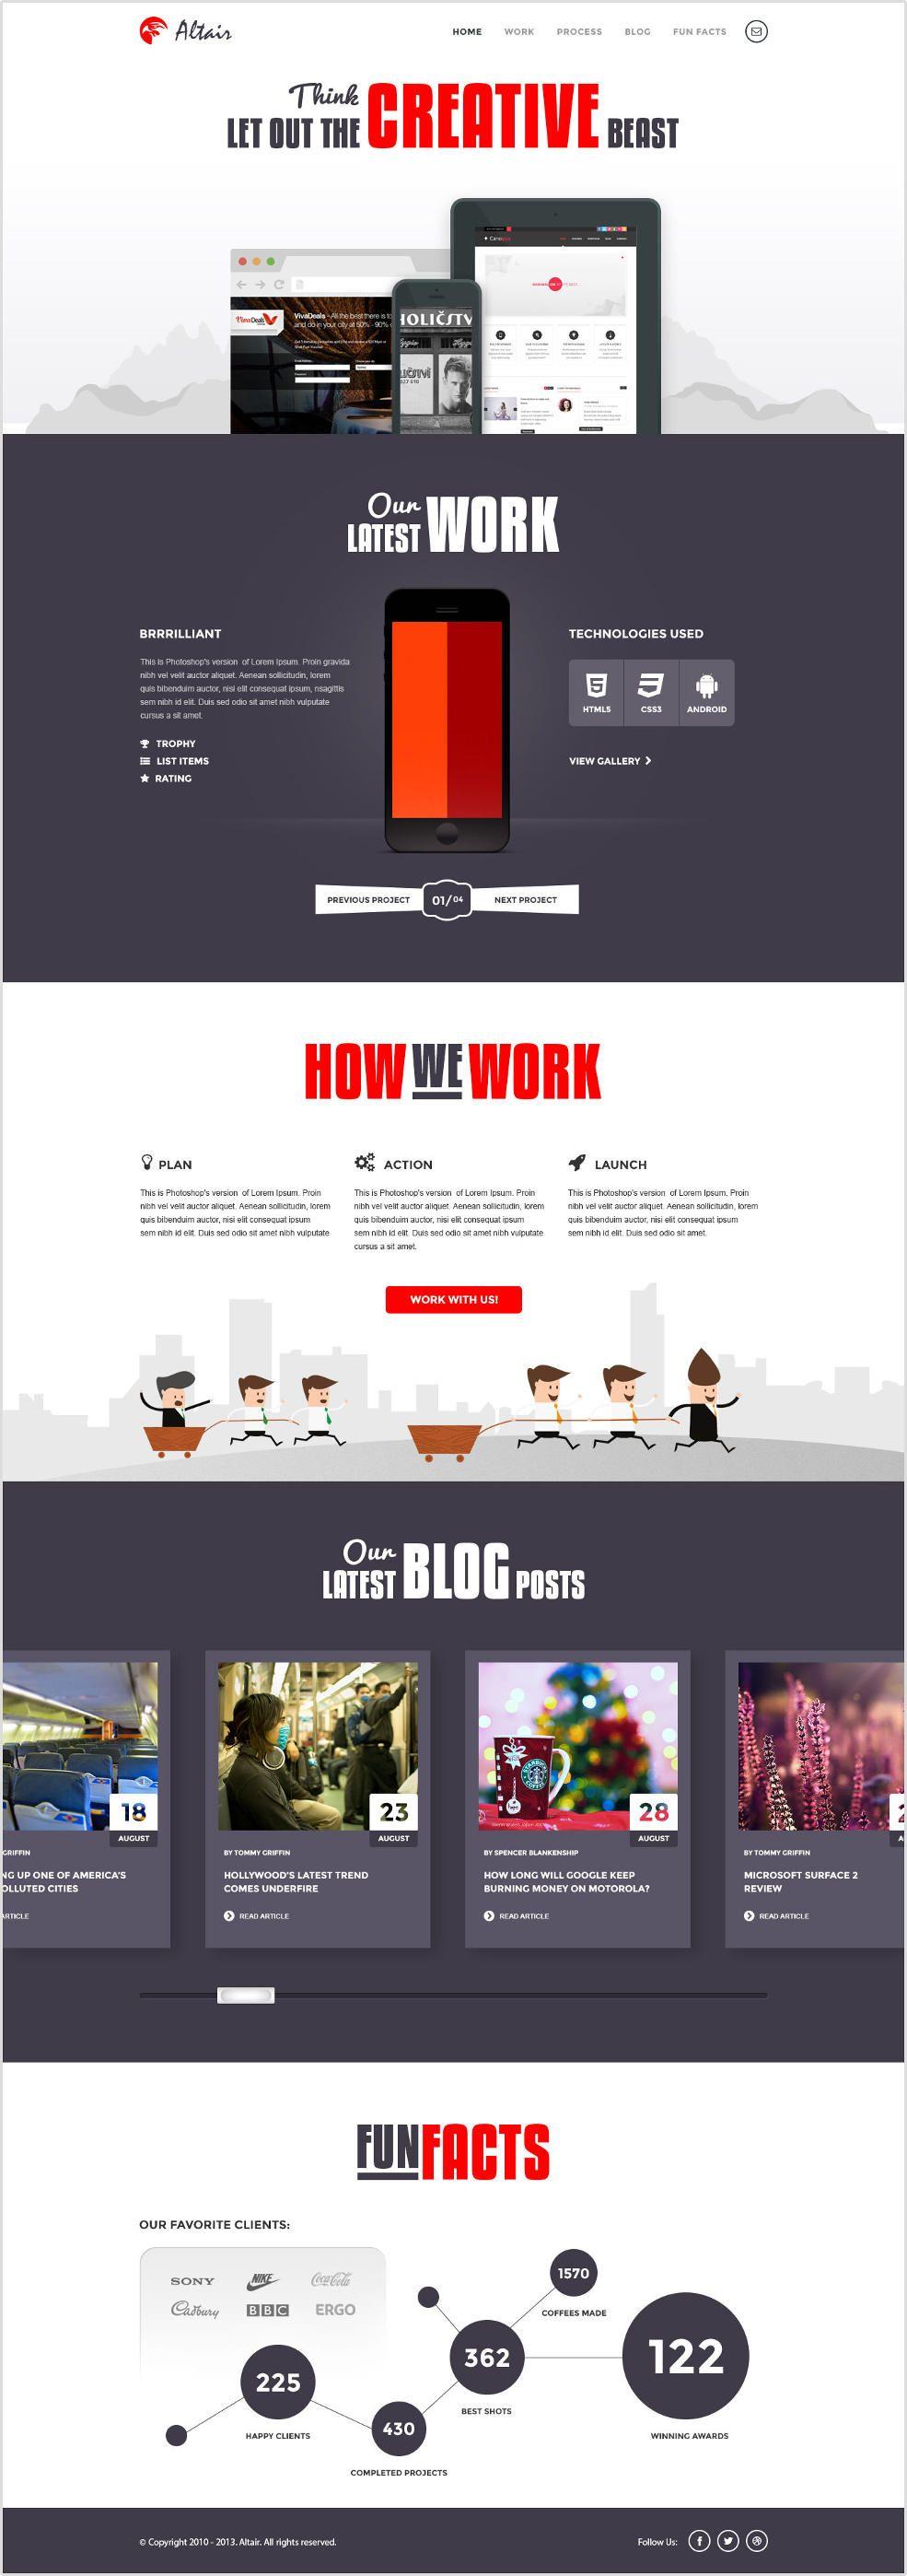 10 freie Photoshop (PSD) Website Templates » Frisch Inspiriert | Plantas